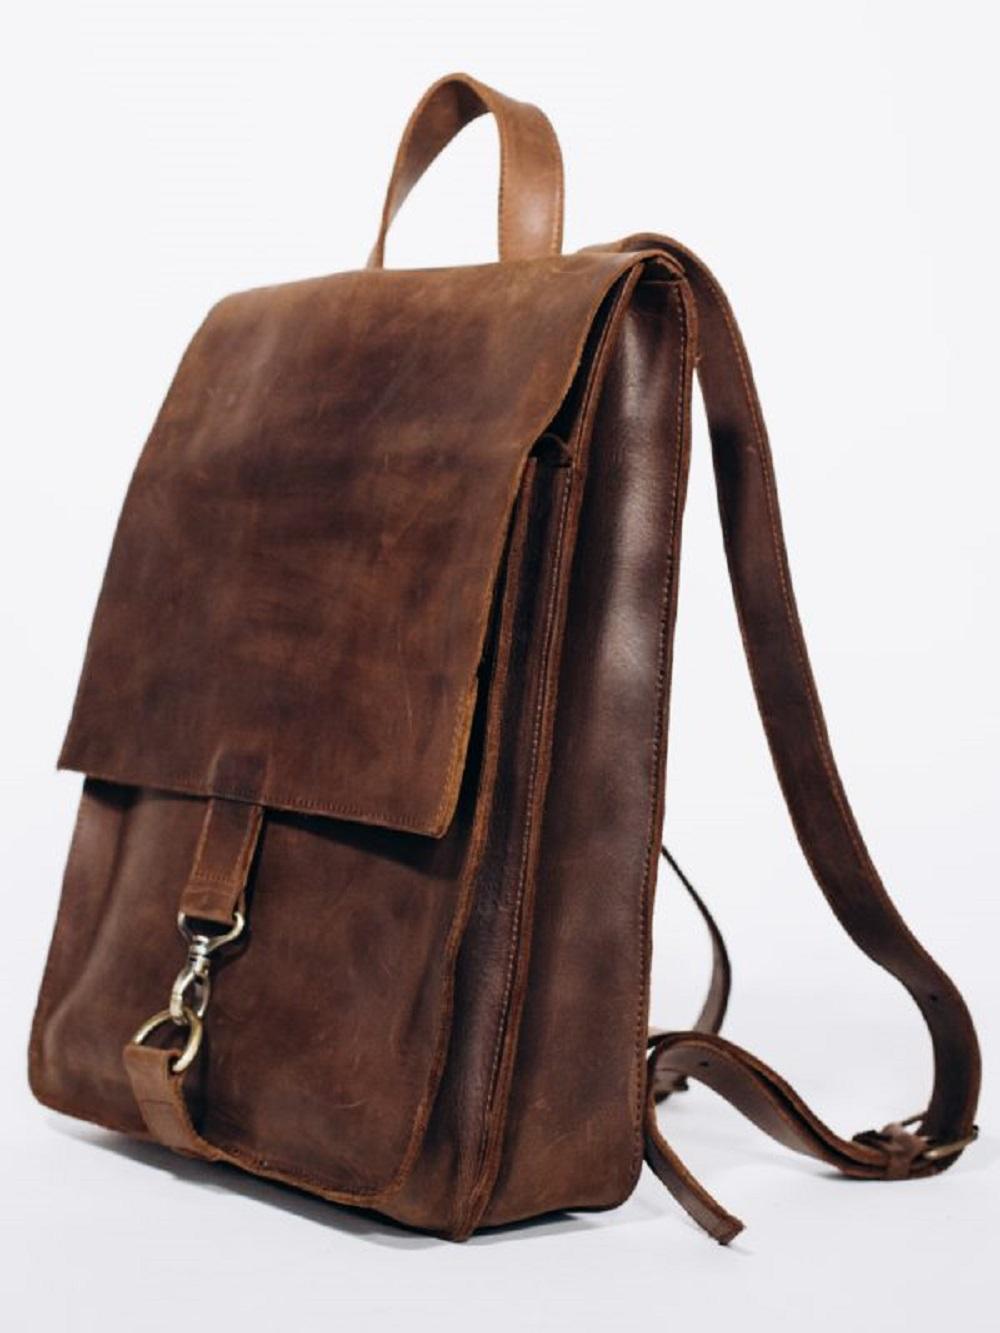 PLECAK P02 VINTAGE BROWN - brązowy plecak ze skóry naturalnej - brązowy plecak retro - Lezerton